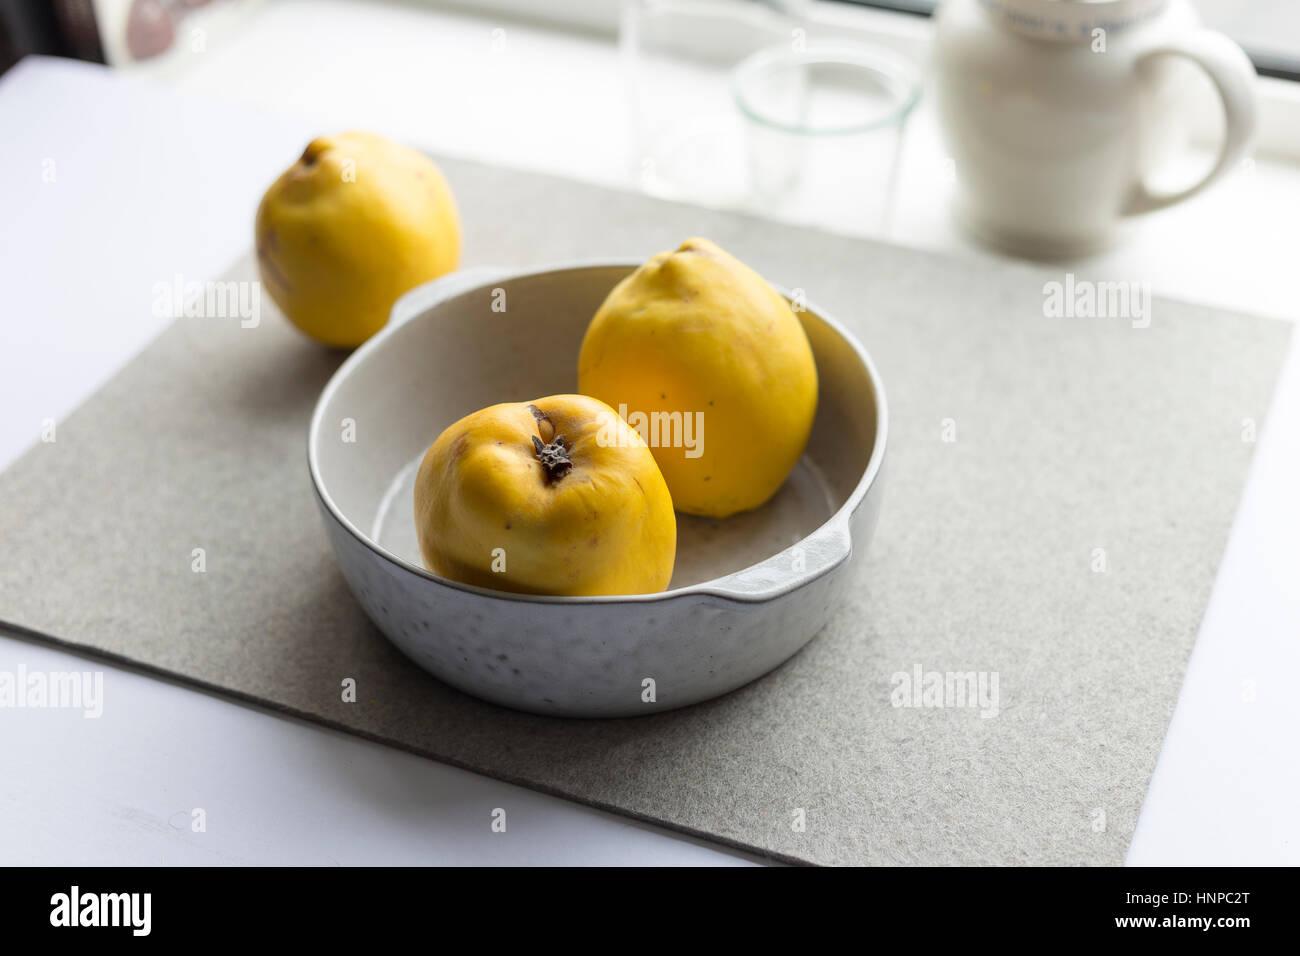 Schüssel mit Quitten auf Tisch Stockbild